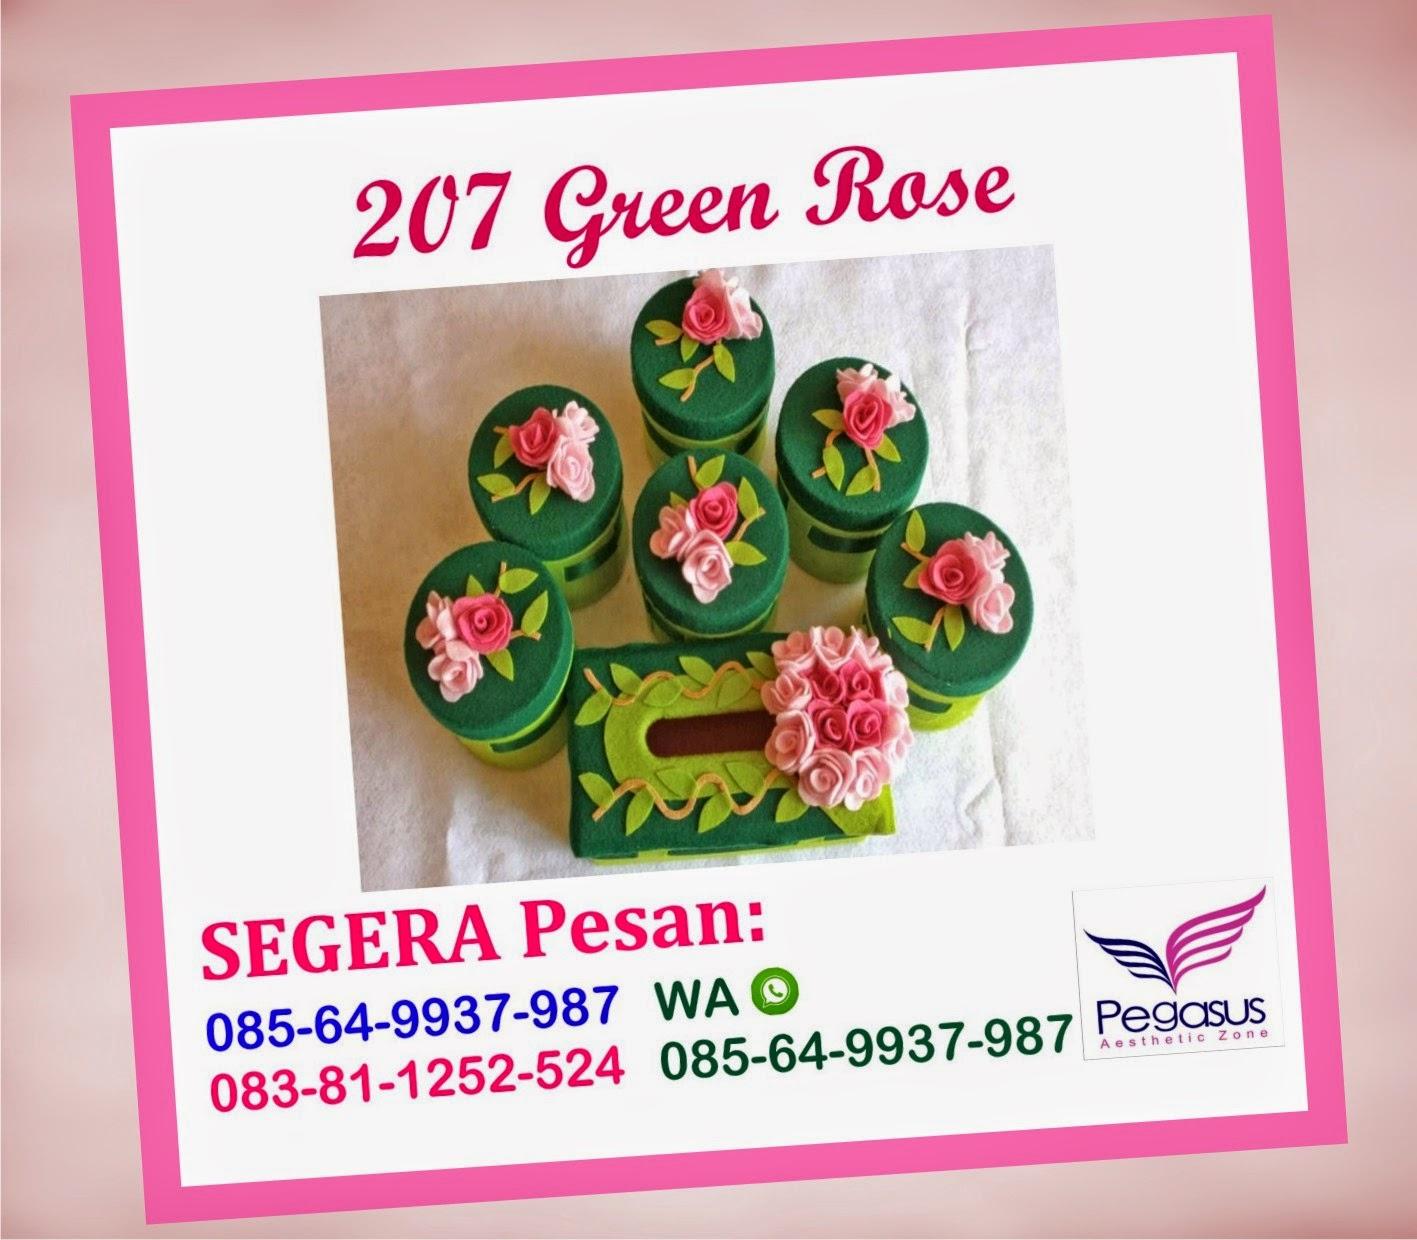 Grosir Souvenir Pernikahan, Kreasi Flanel Unik, Kreasi Flanel 2015, +62.8564.993.7987